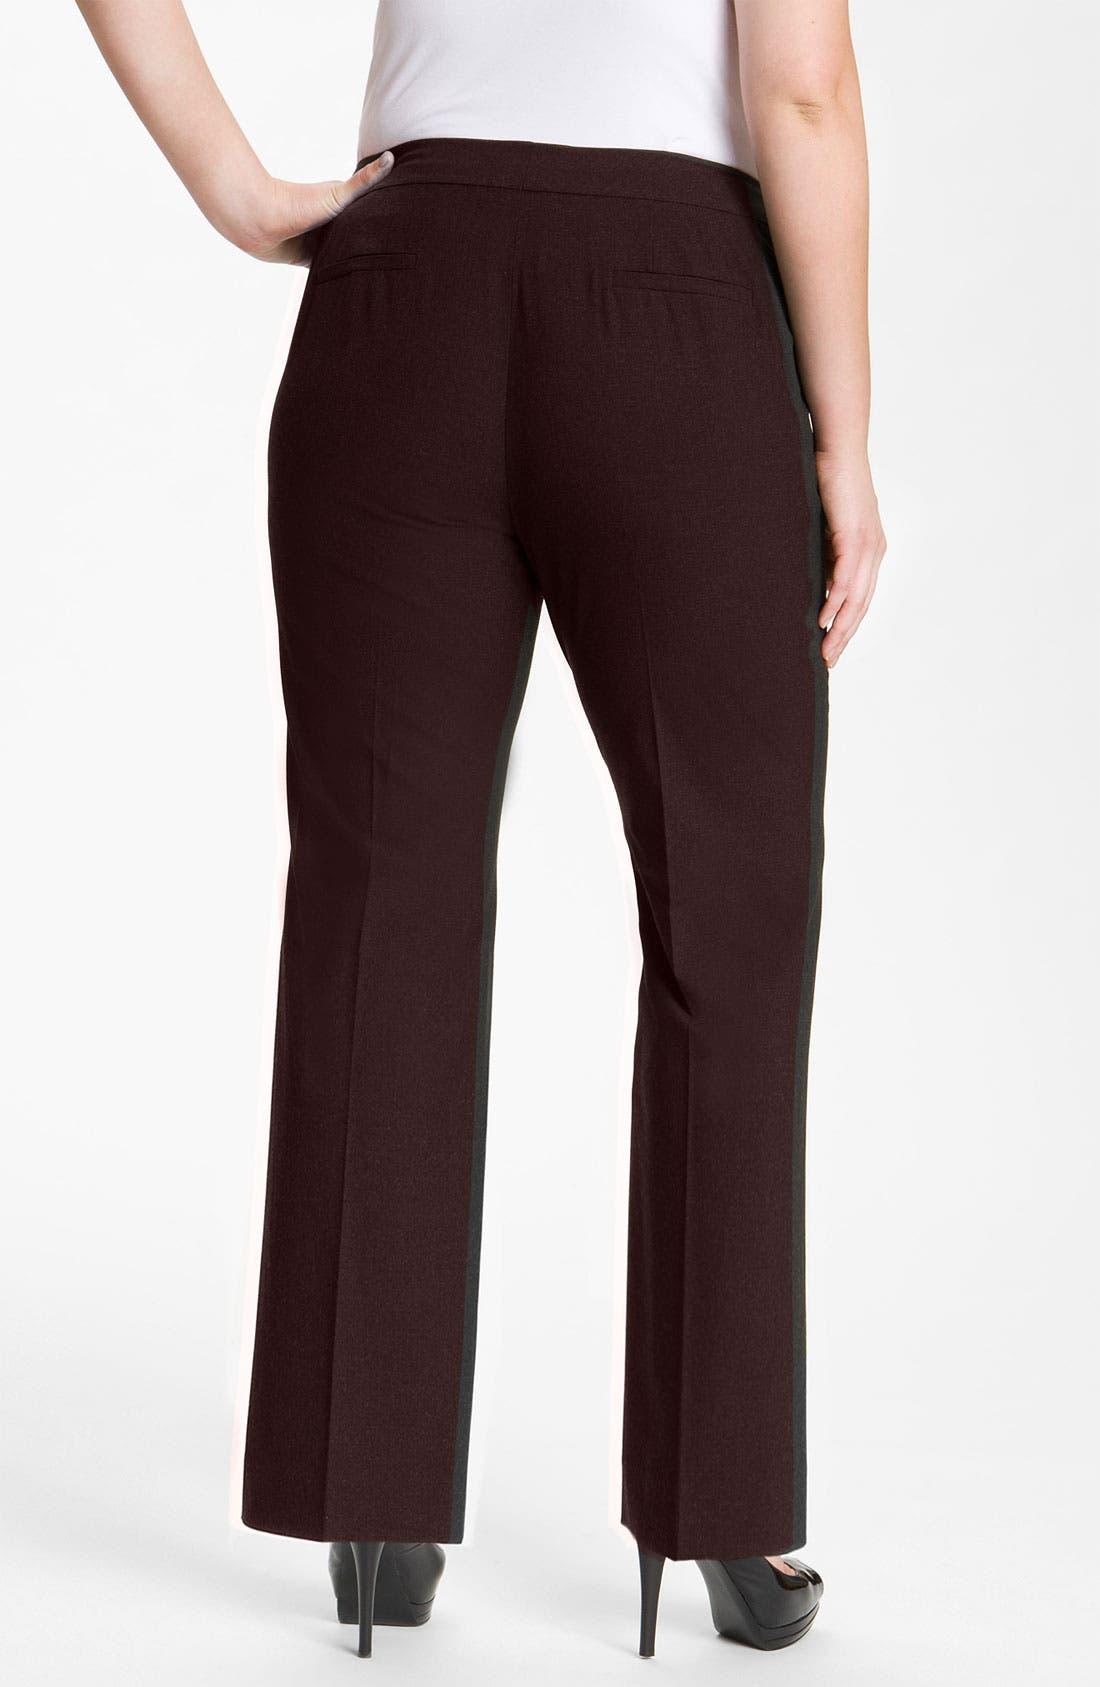 Alternate Image 2  - Sejour 'Ela' Curvy Fit Pants (Plus Size & Petite Plus)